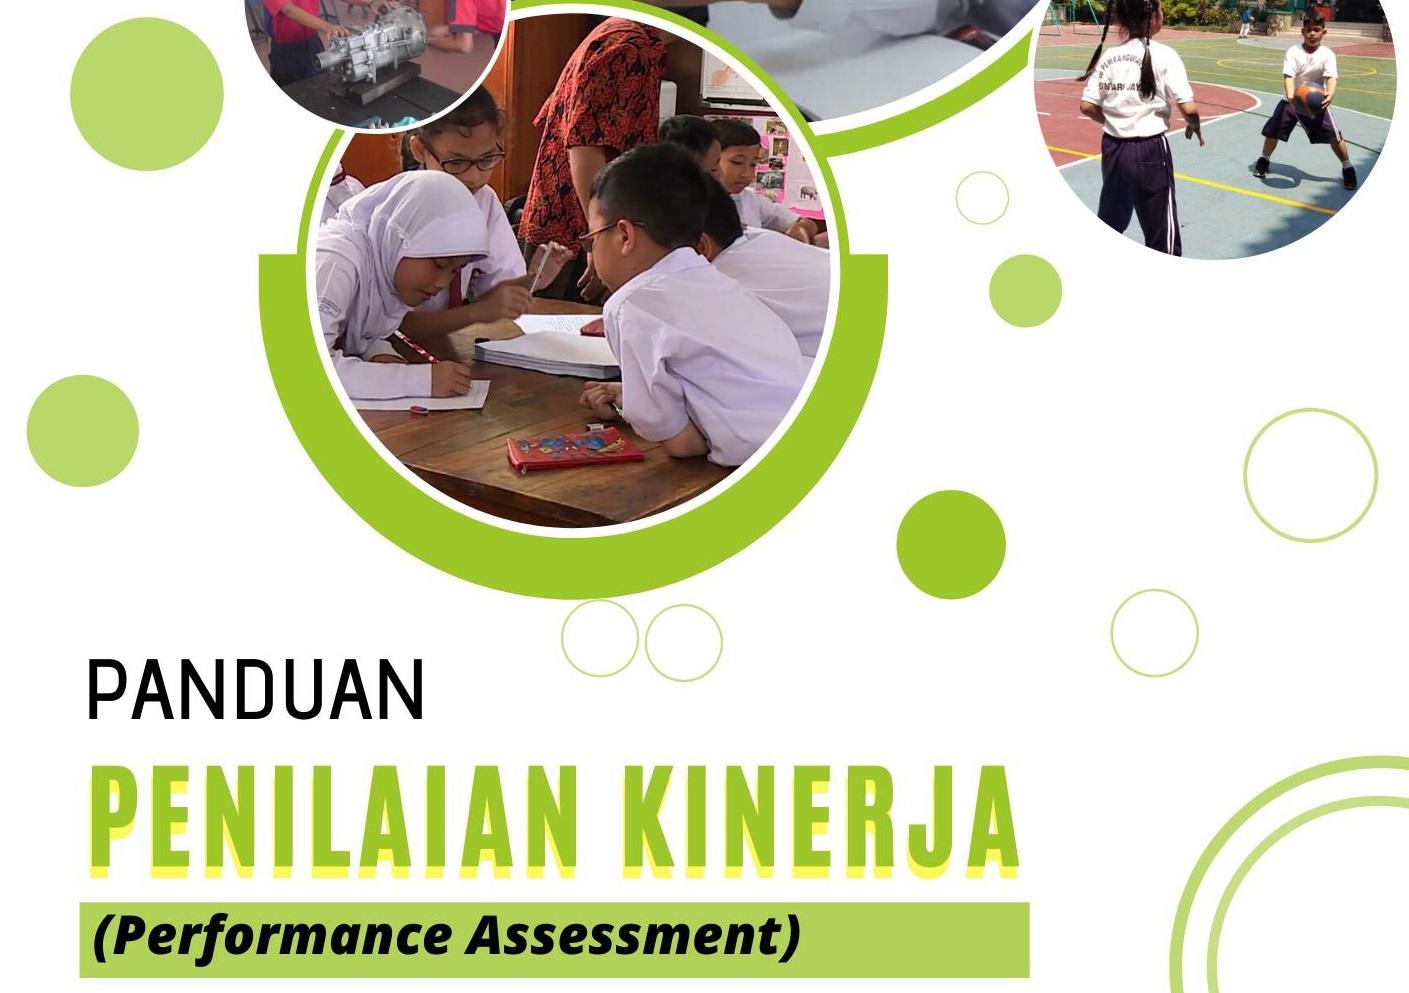 Mengenal dan Memahami Penilaian Kinerja (Performance Assessment)